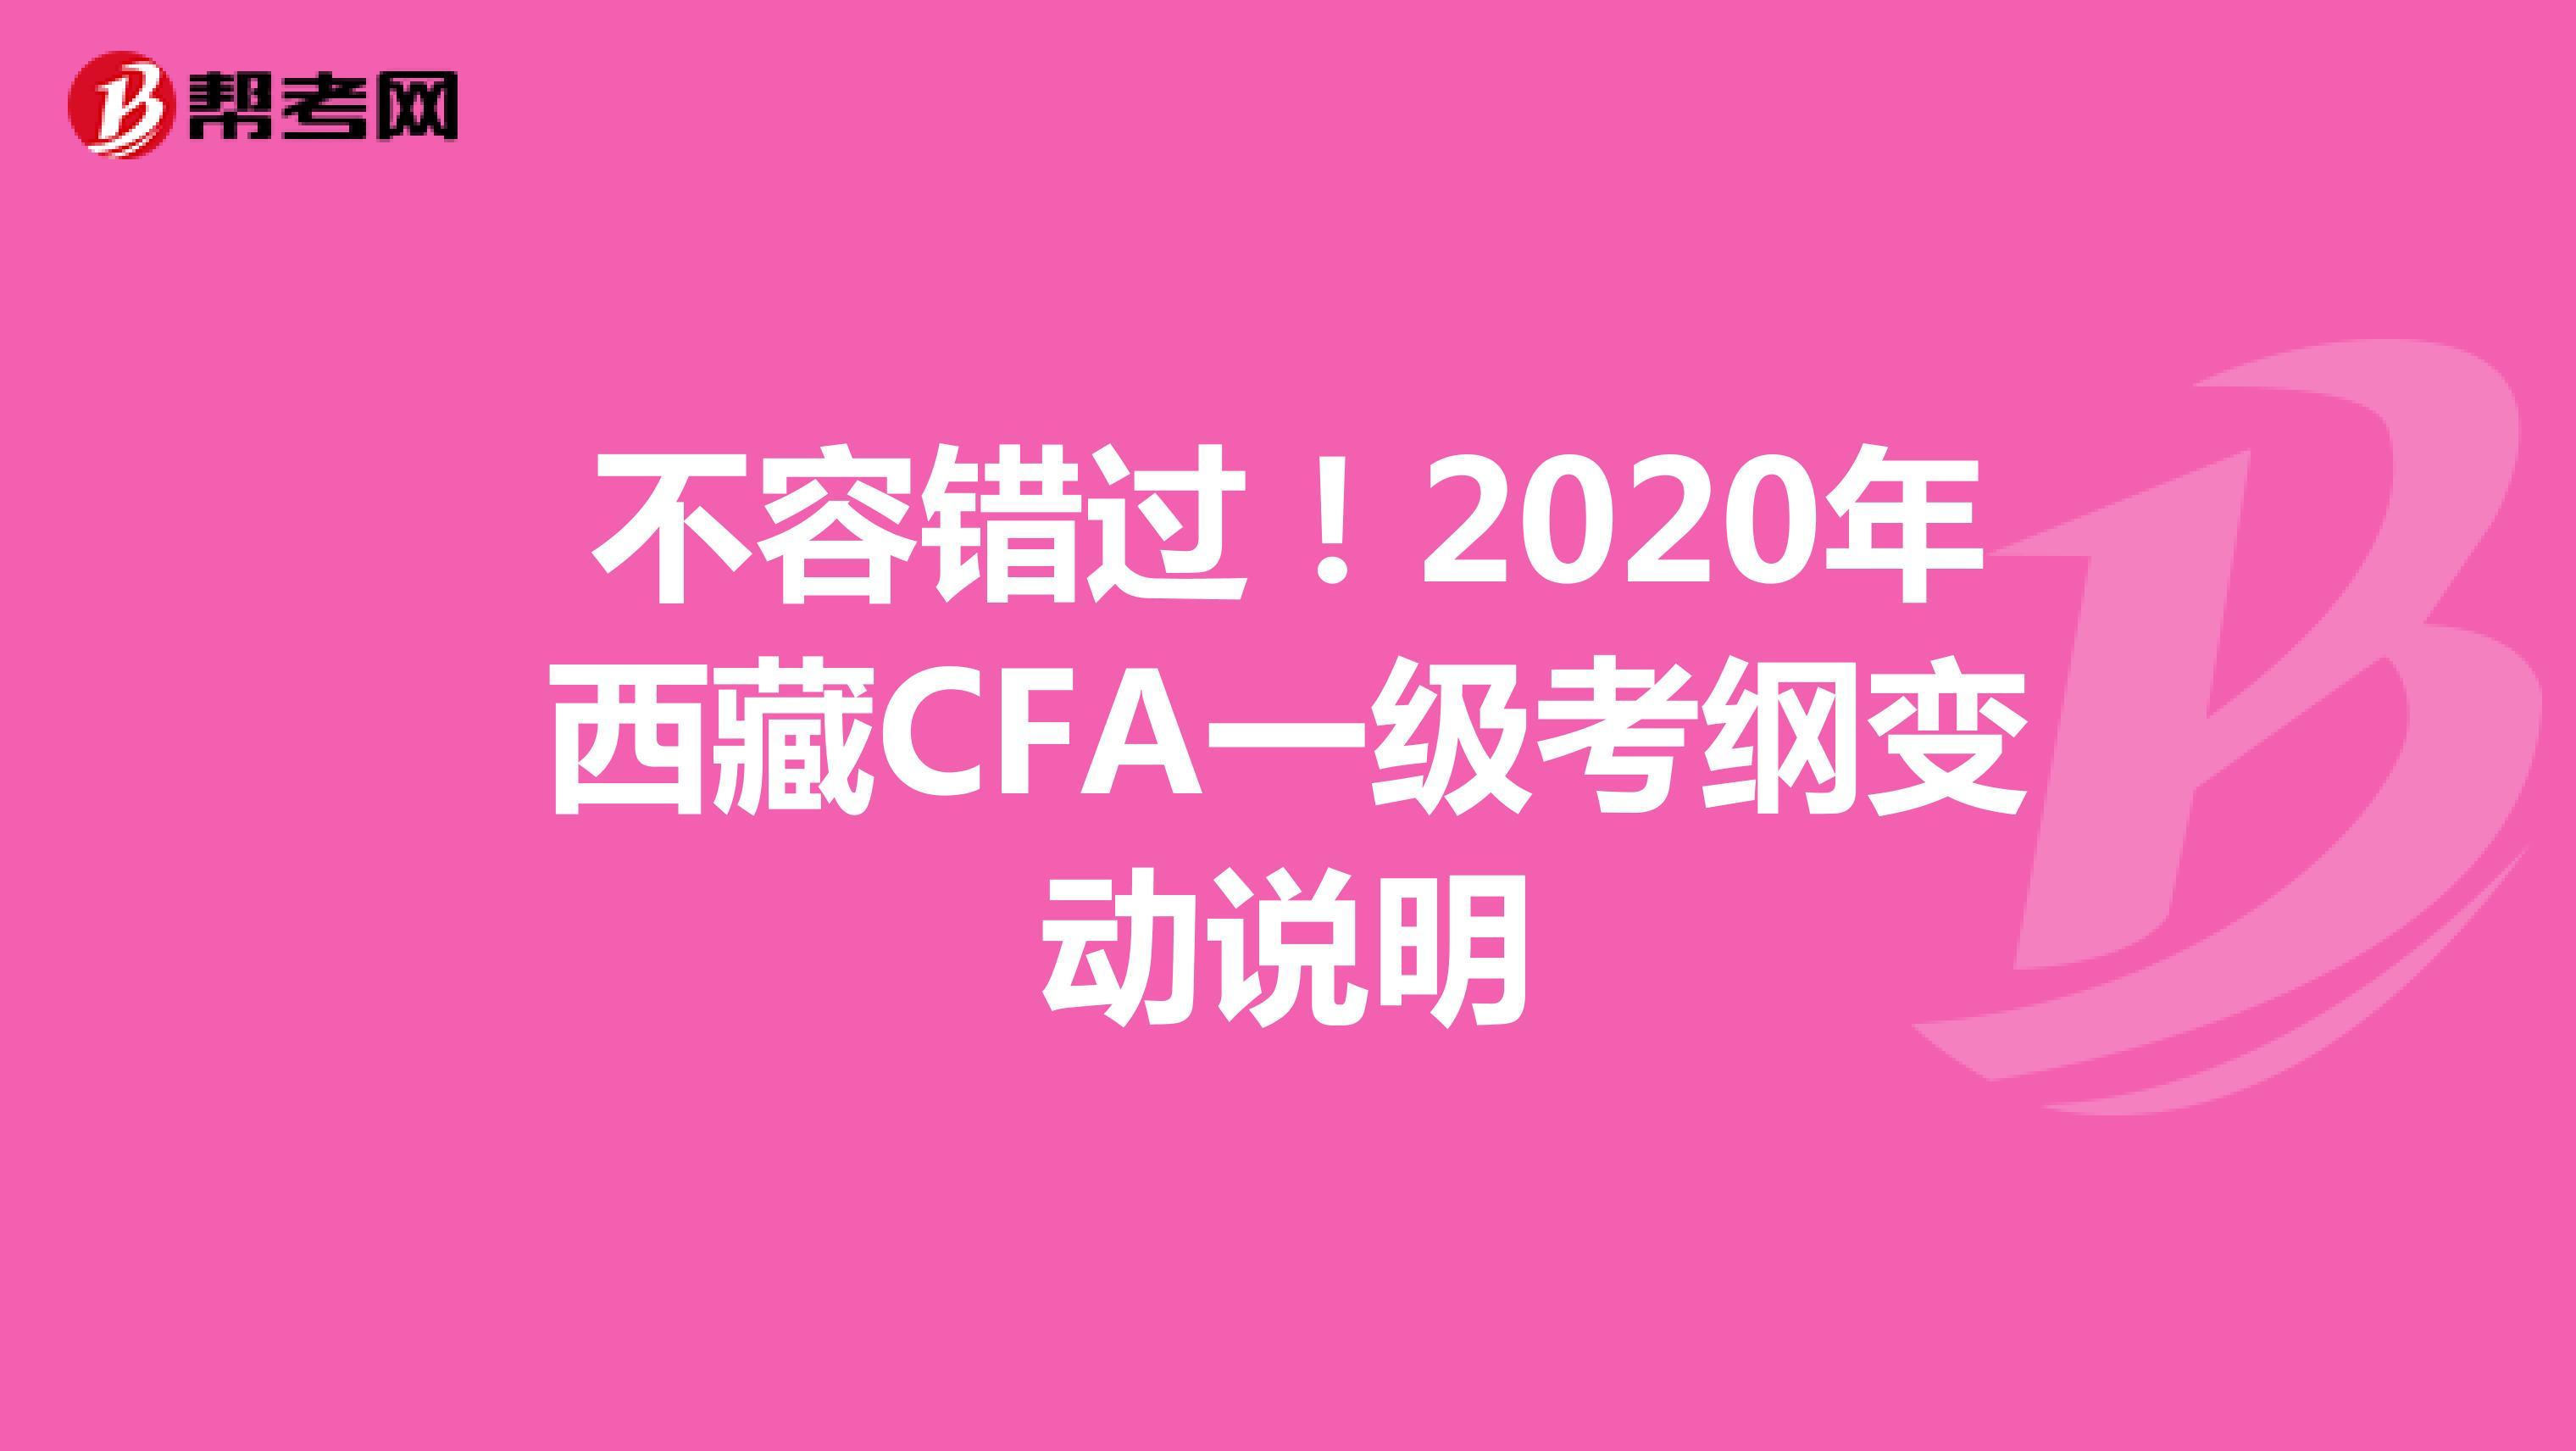 不容错过!2020年西藏CFA电竞考纲变动说明